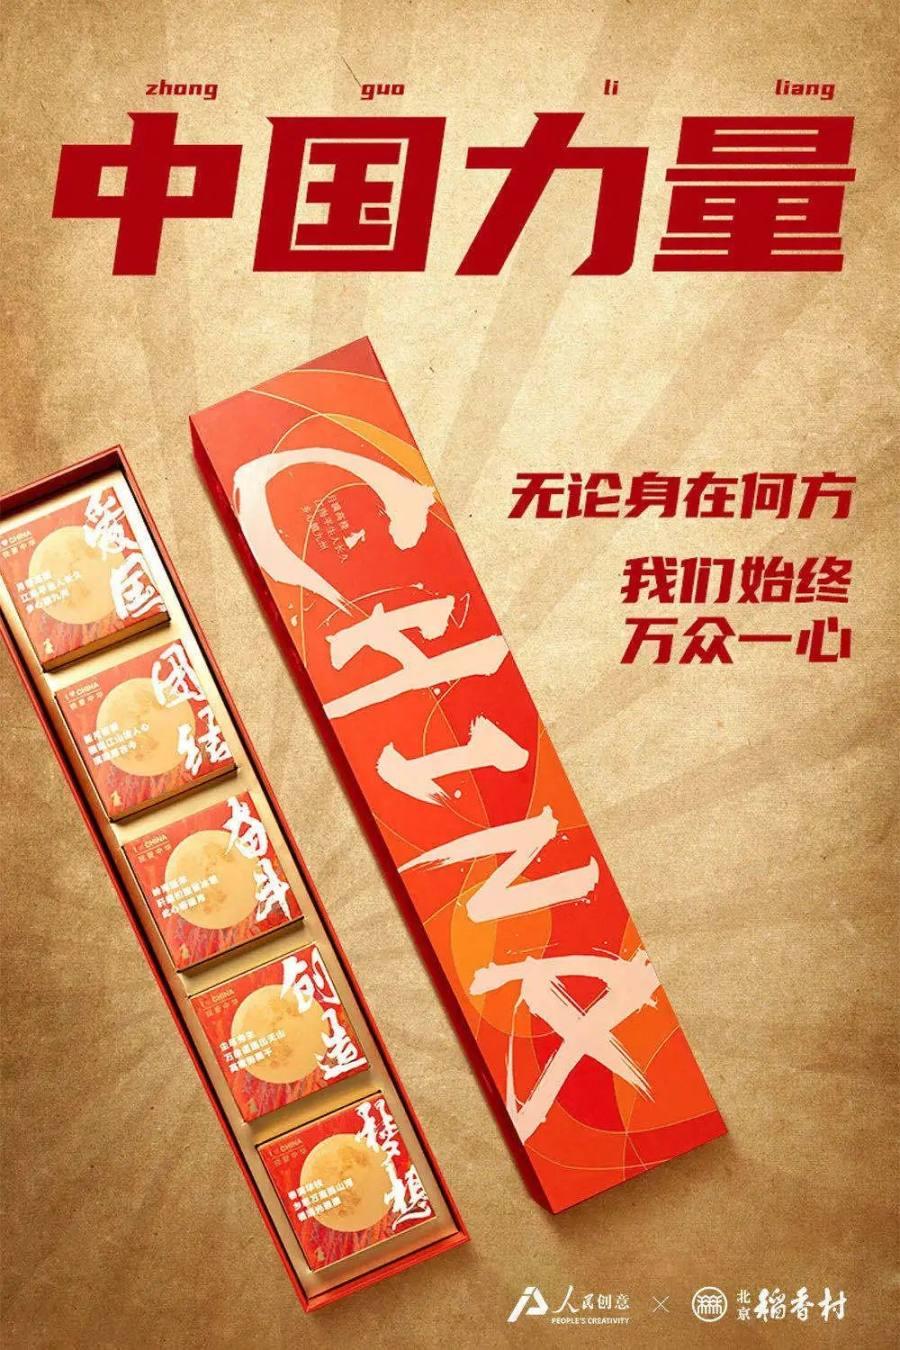 中秋团圆时,人民创意邀您品国潮月饼,聚中国力量